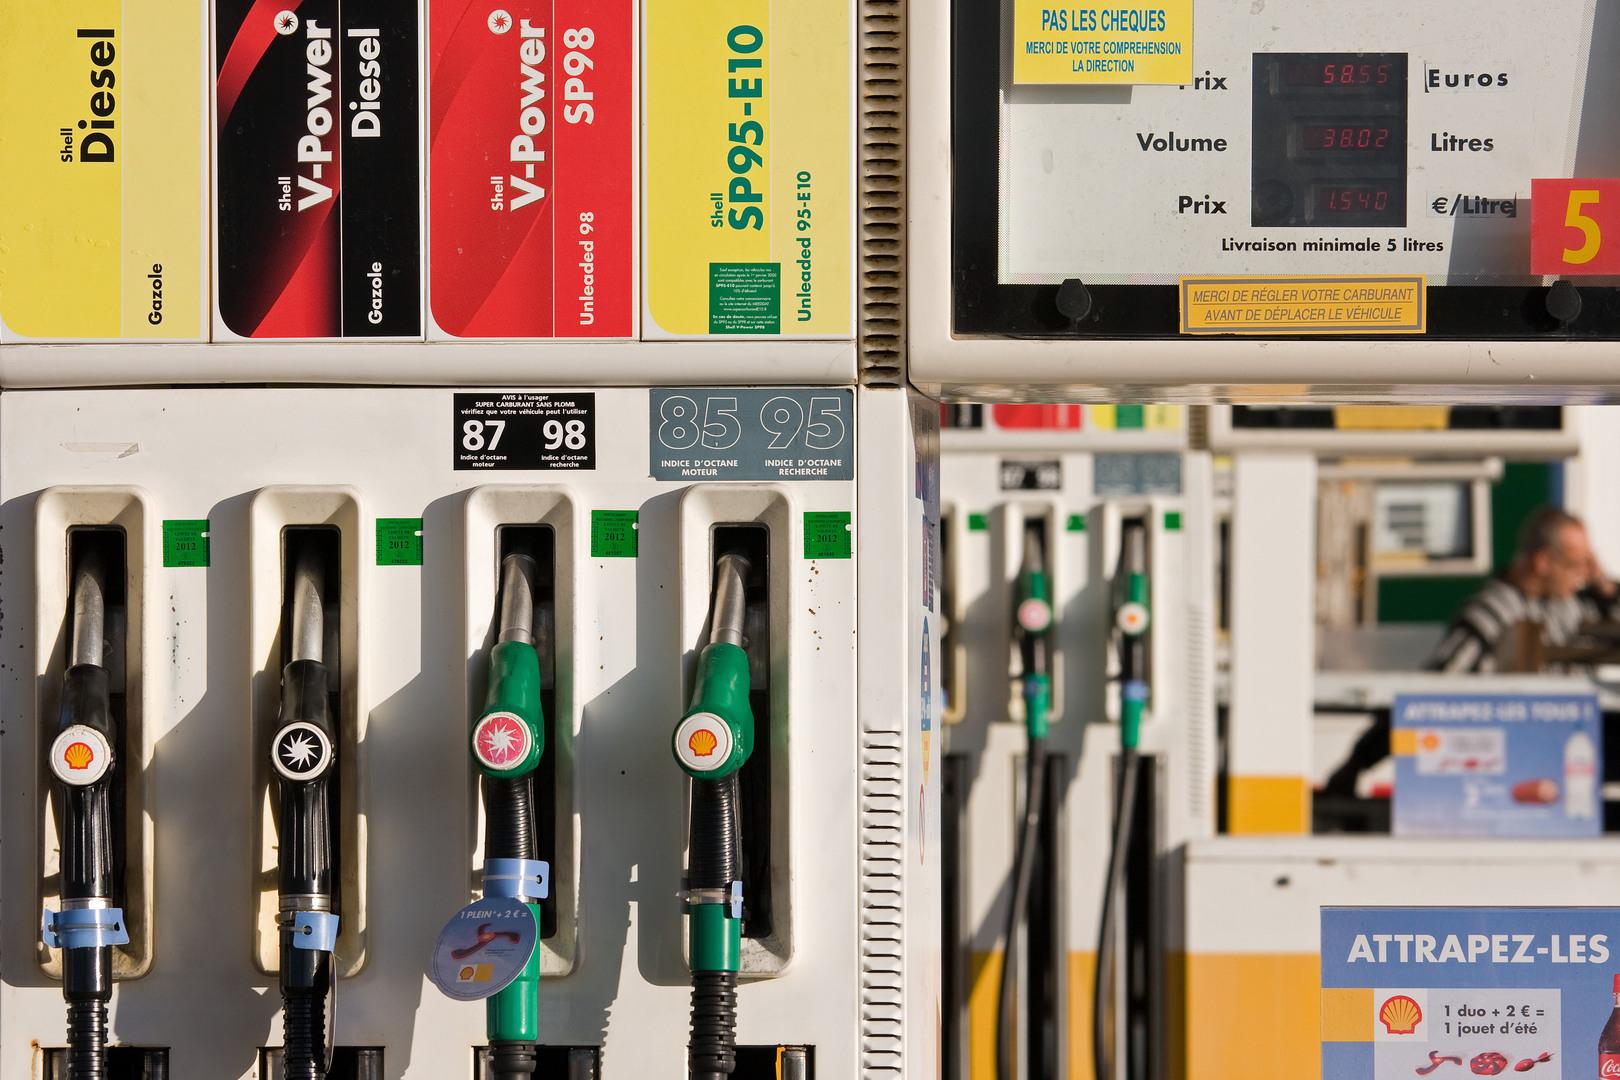 Răspunsul e surprinzător pentru proprietarii diesel